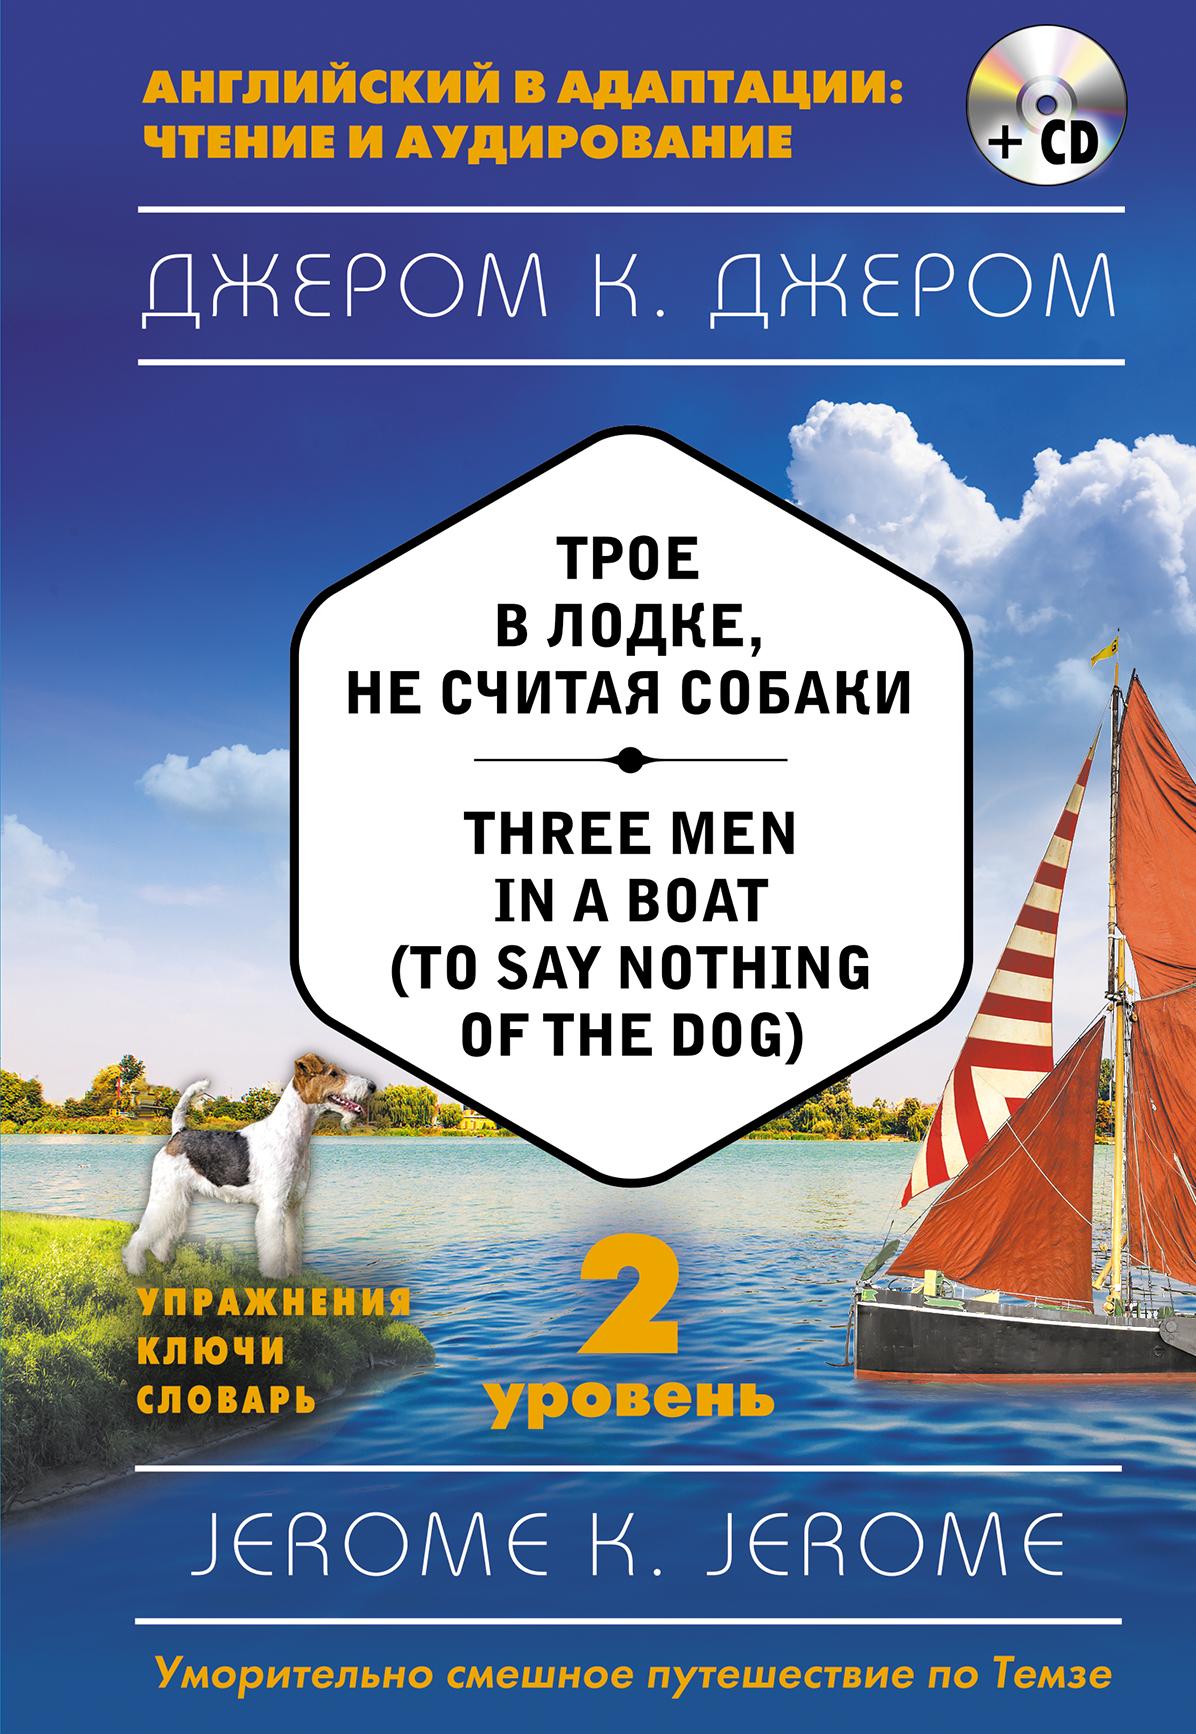 Джером К.  Джером Трое в лодке, не считая собаки = Three Men in a Boat (to say Nothing of the Dog) (+ CD). 2-й уровень